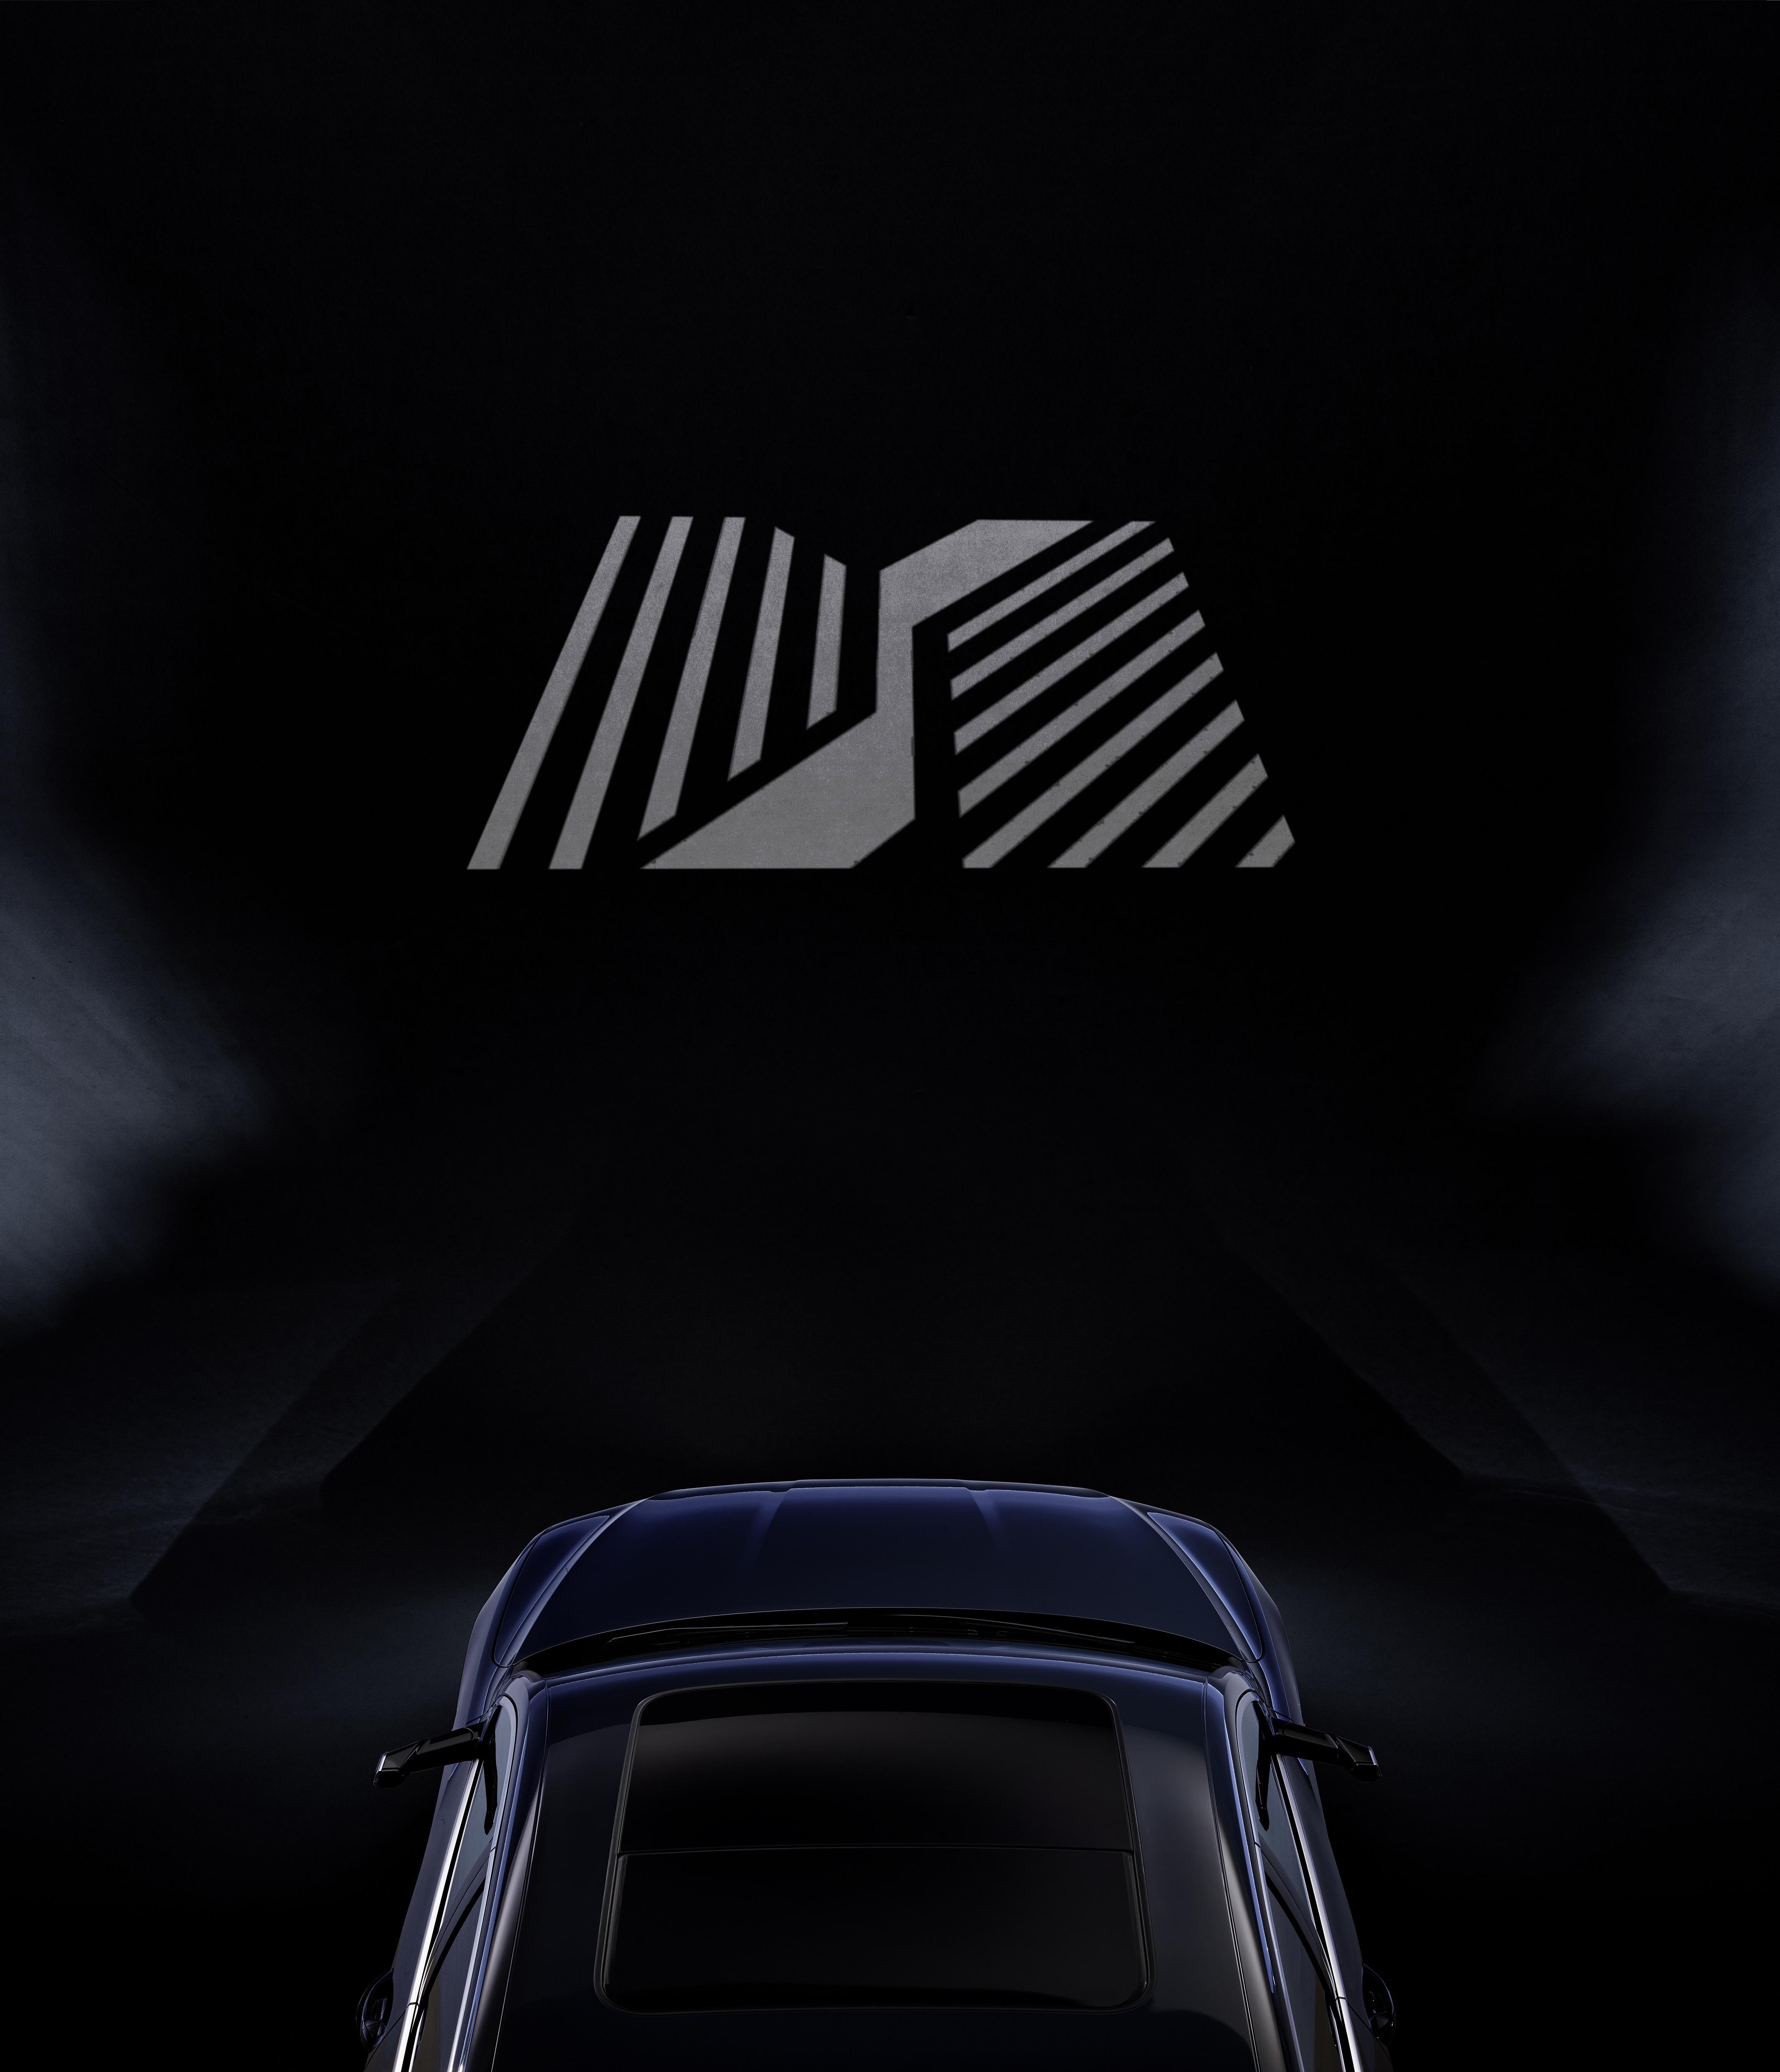 Die digitalen Scheinwerfer des Audi e-tron Sportback können das Licht pixelgenau steuern. (AUDI)